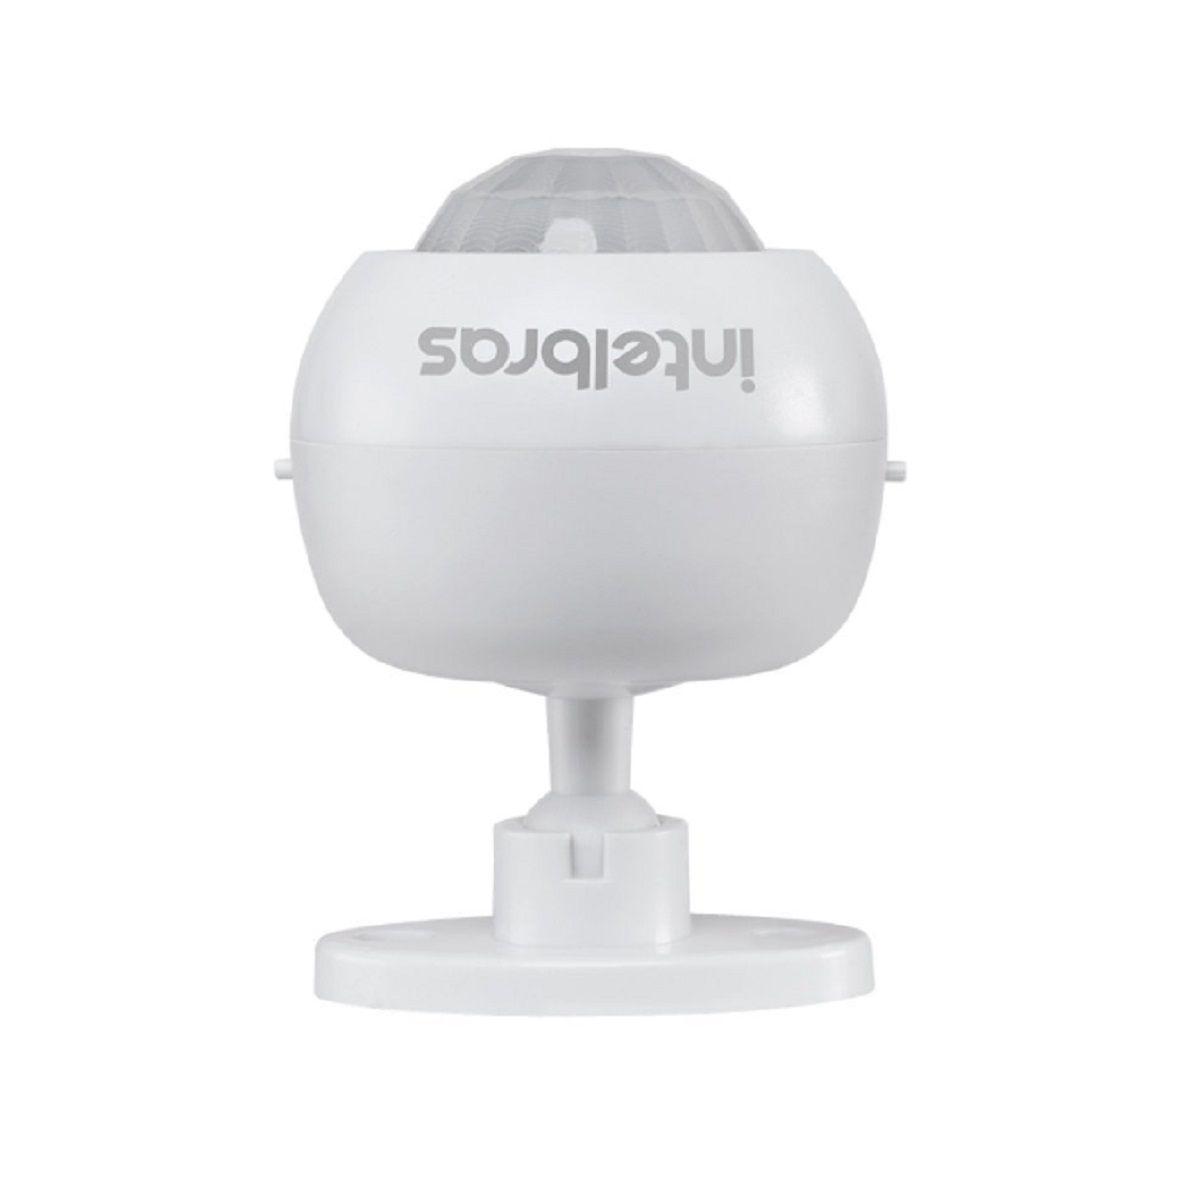 Sensor De Presença Teto/parede Fotocélula Esp 360a Intelbras